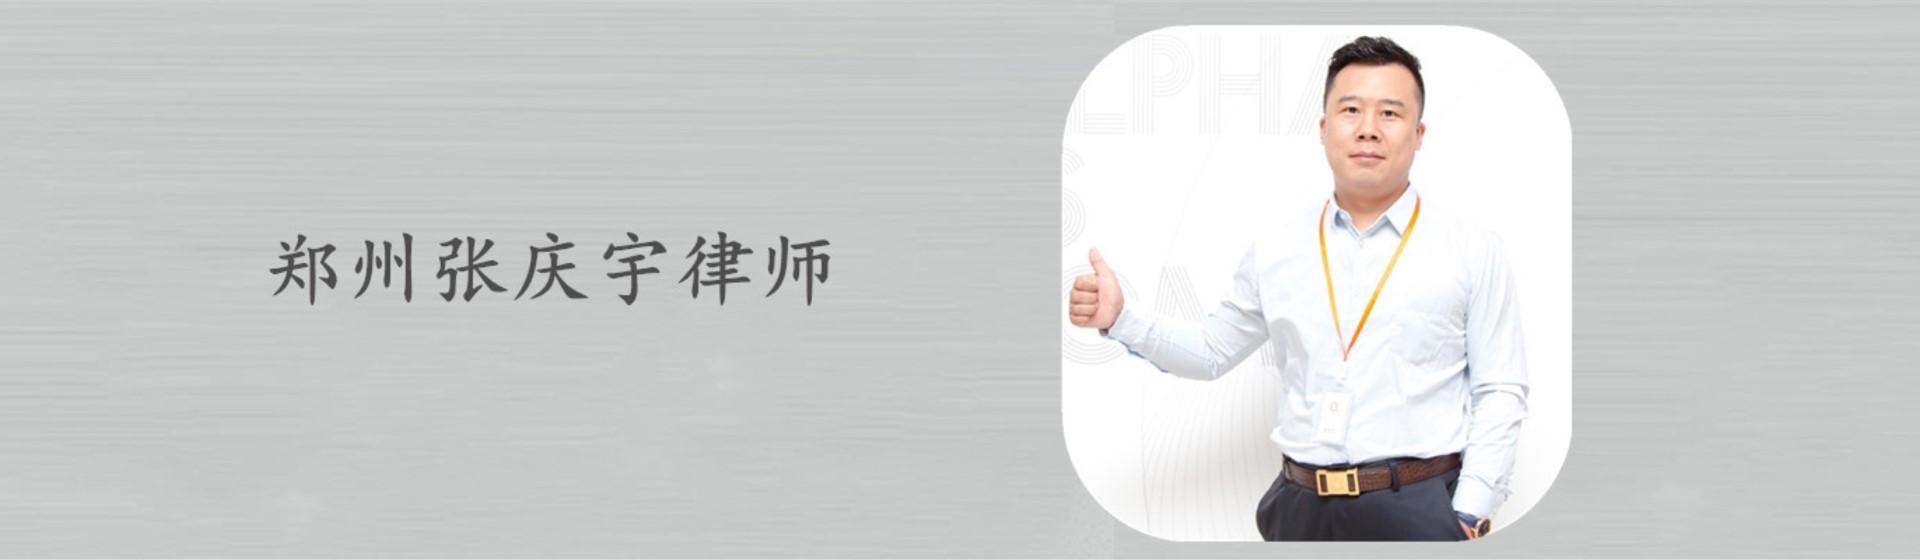 郑州刑事律师大图二